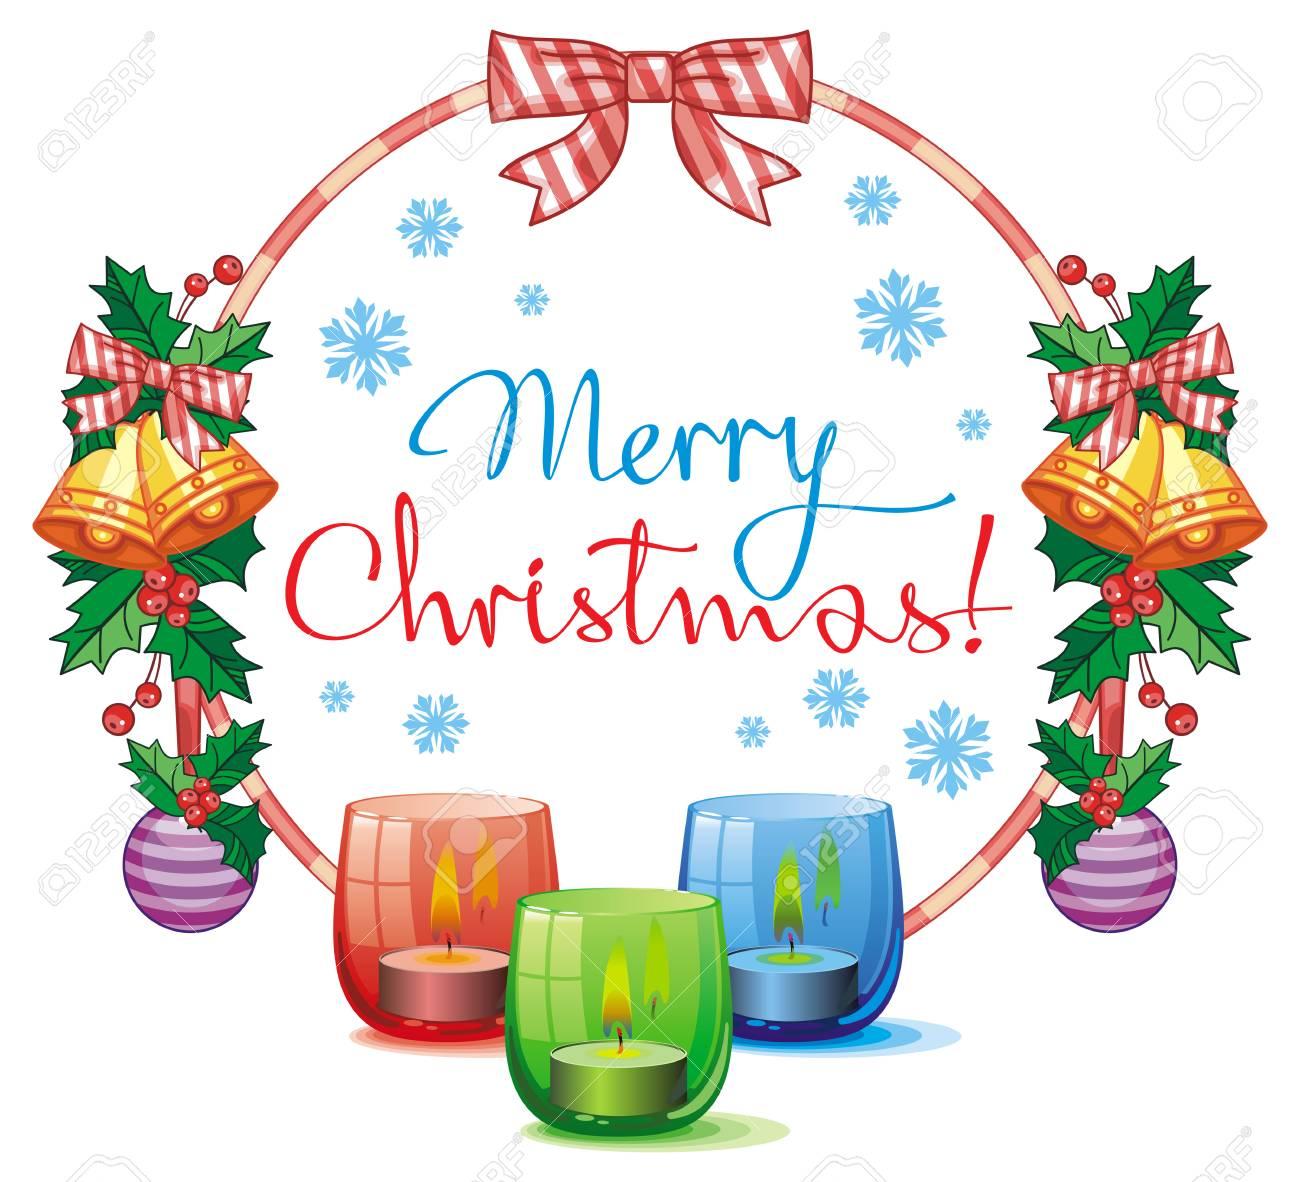 Joyeux Noel Clipart.Guirlande De Noël Bougie Allumée Et Texte De Voeux De Vacances Joyeux Noël Clipart Vectoriel